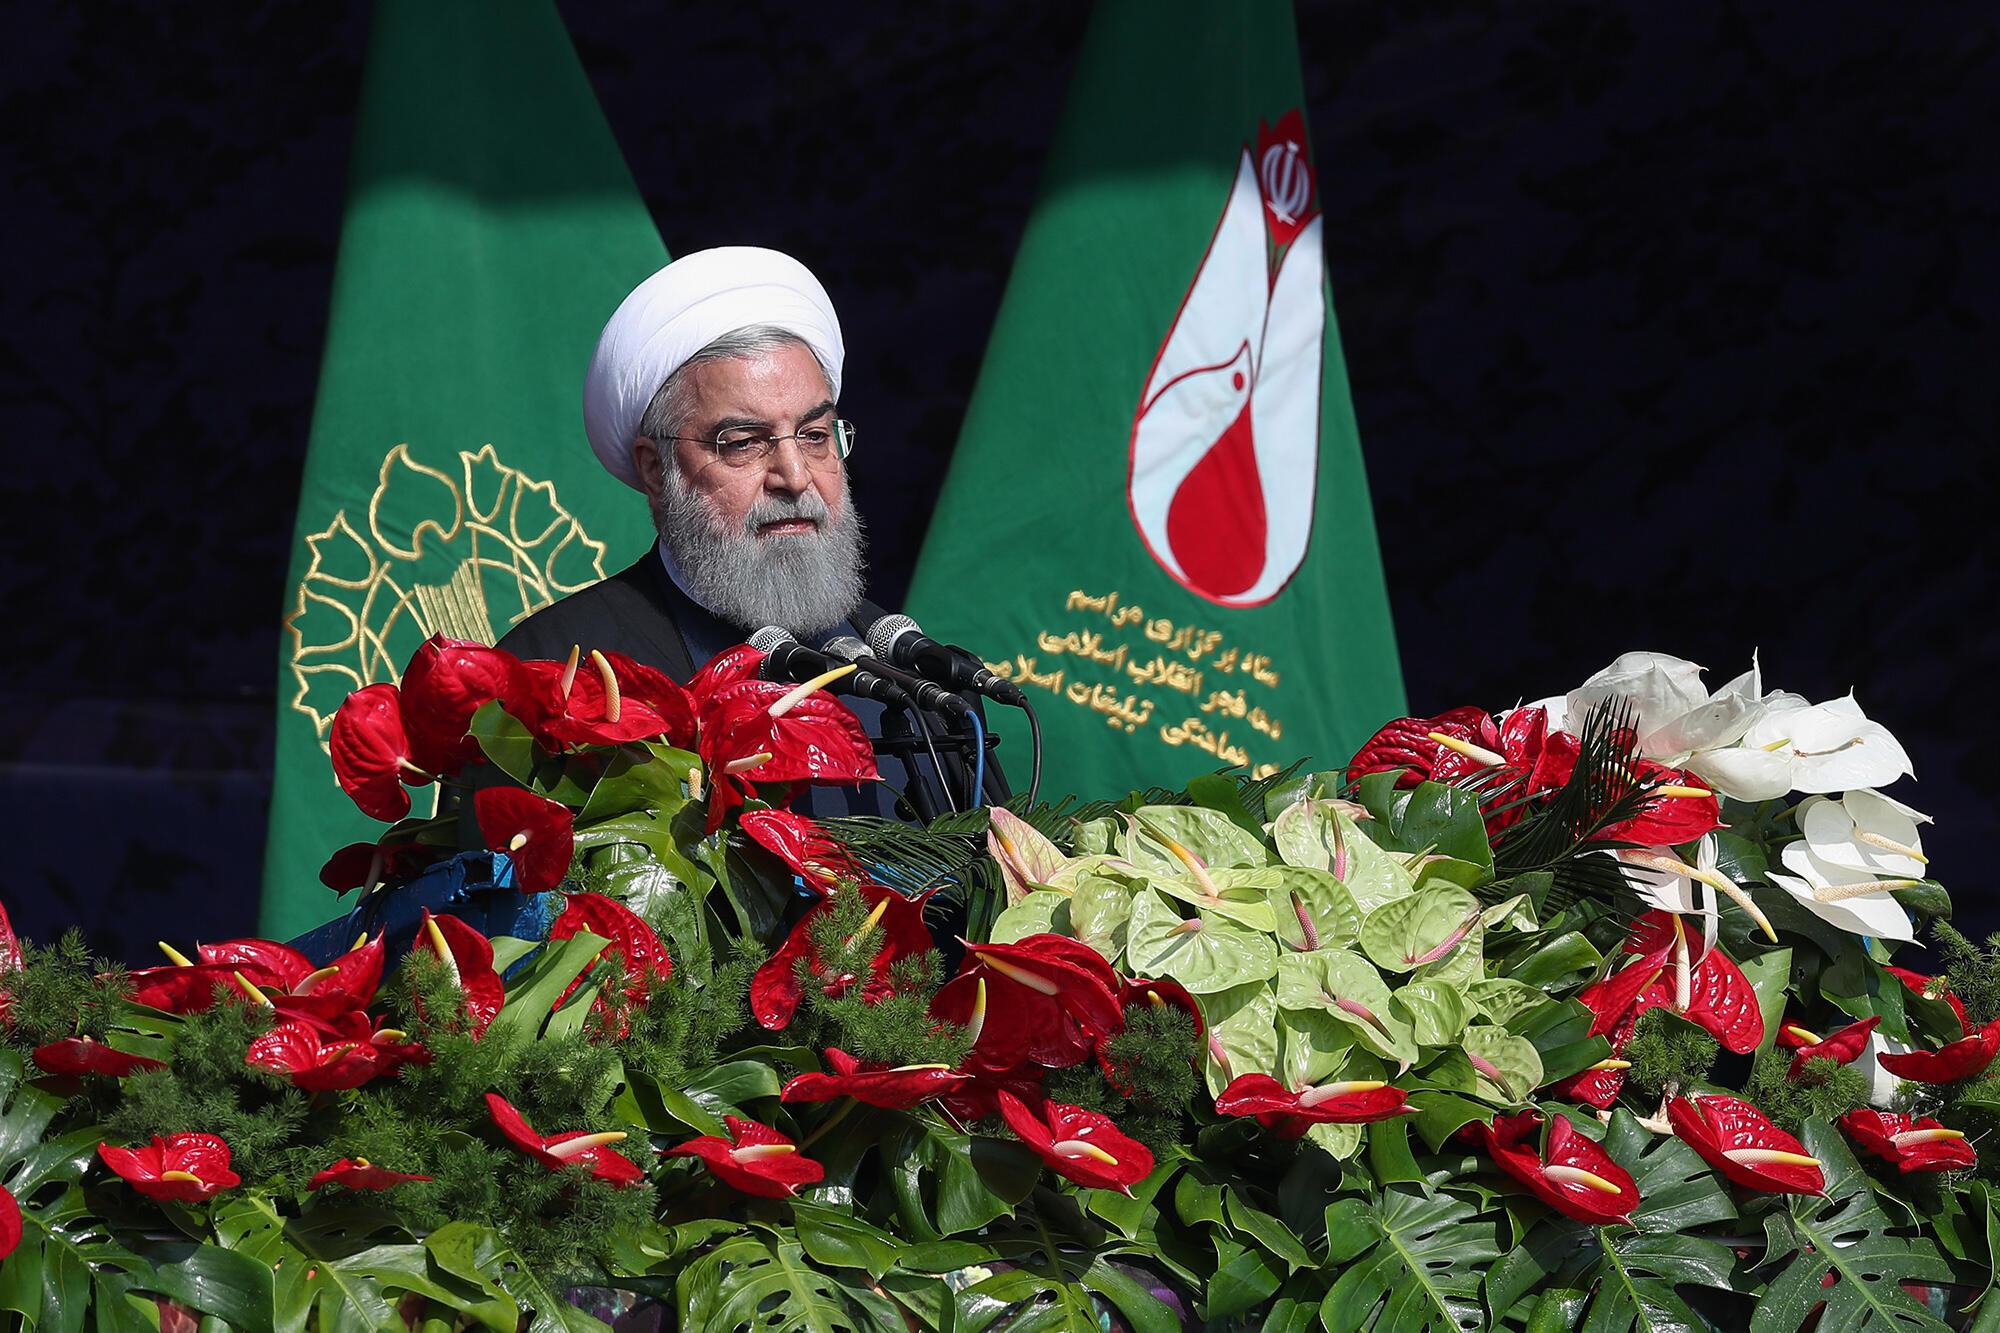 حسن روحانی در مراسم روز 22 بهمن